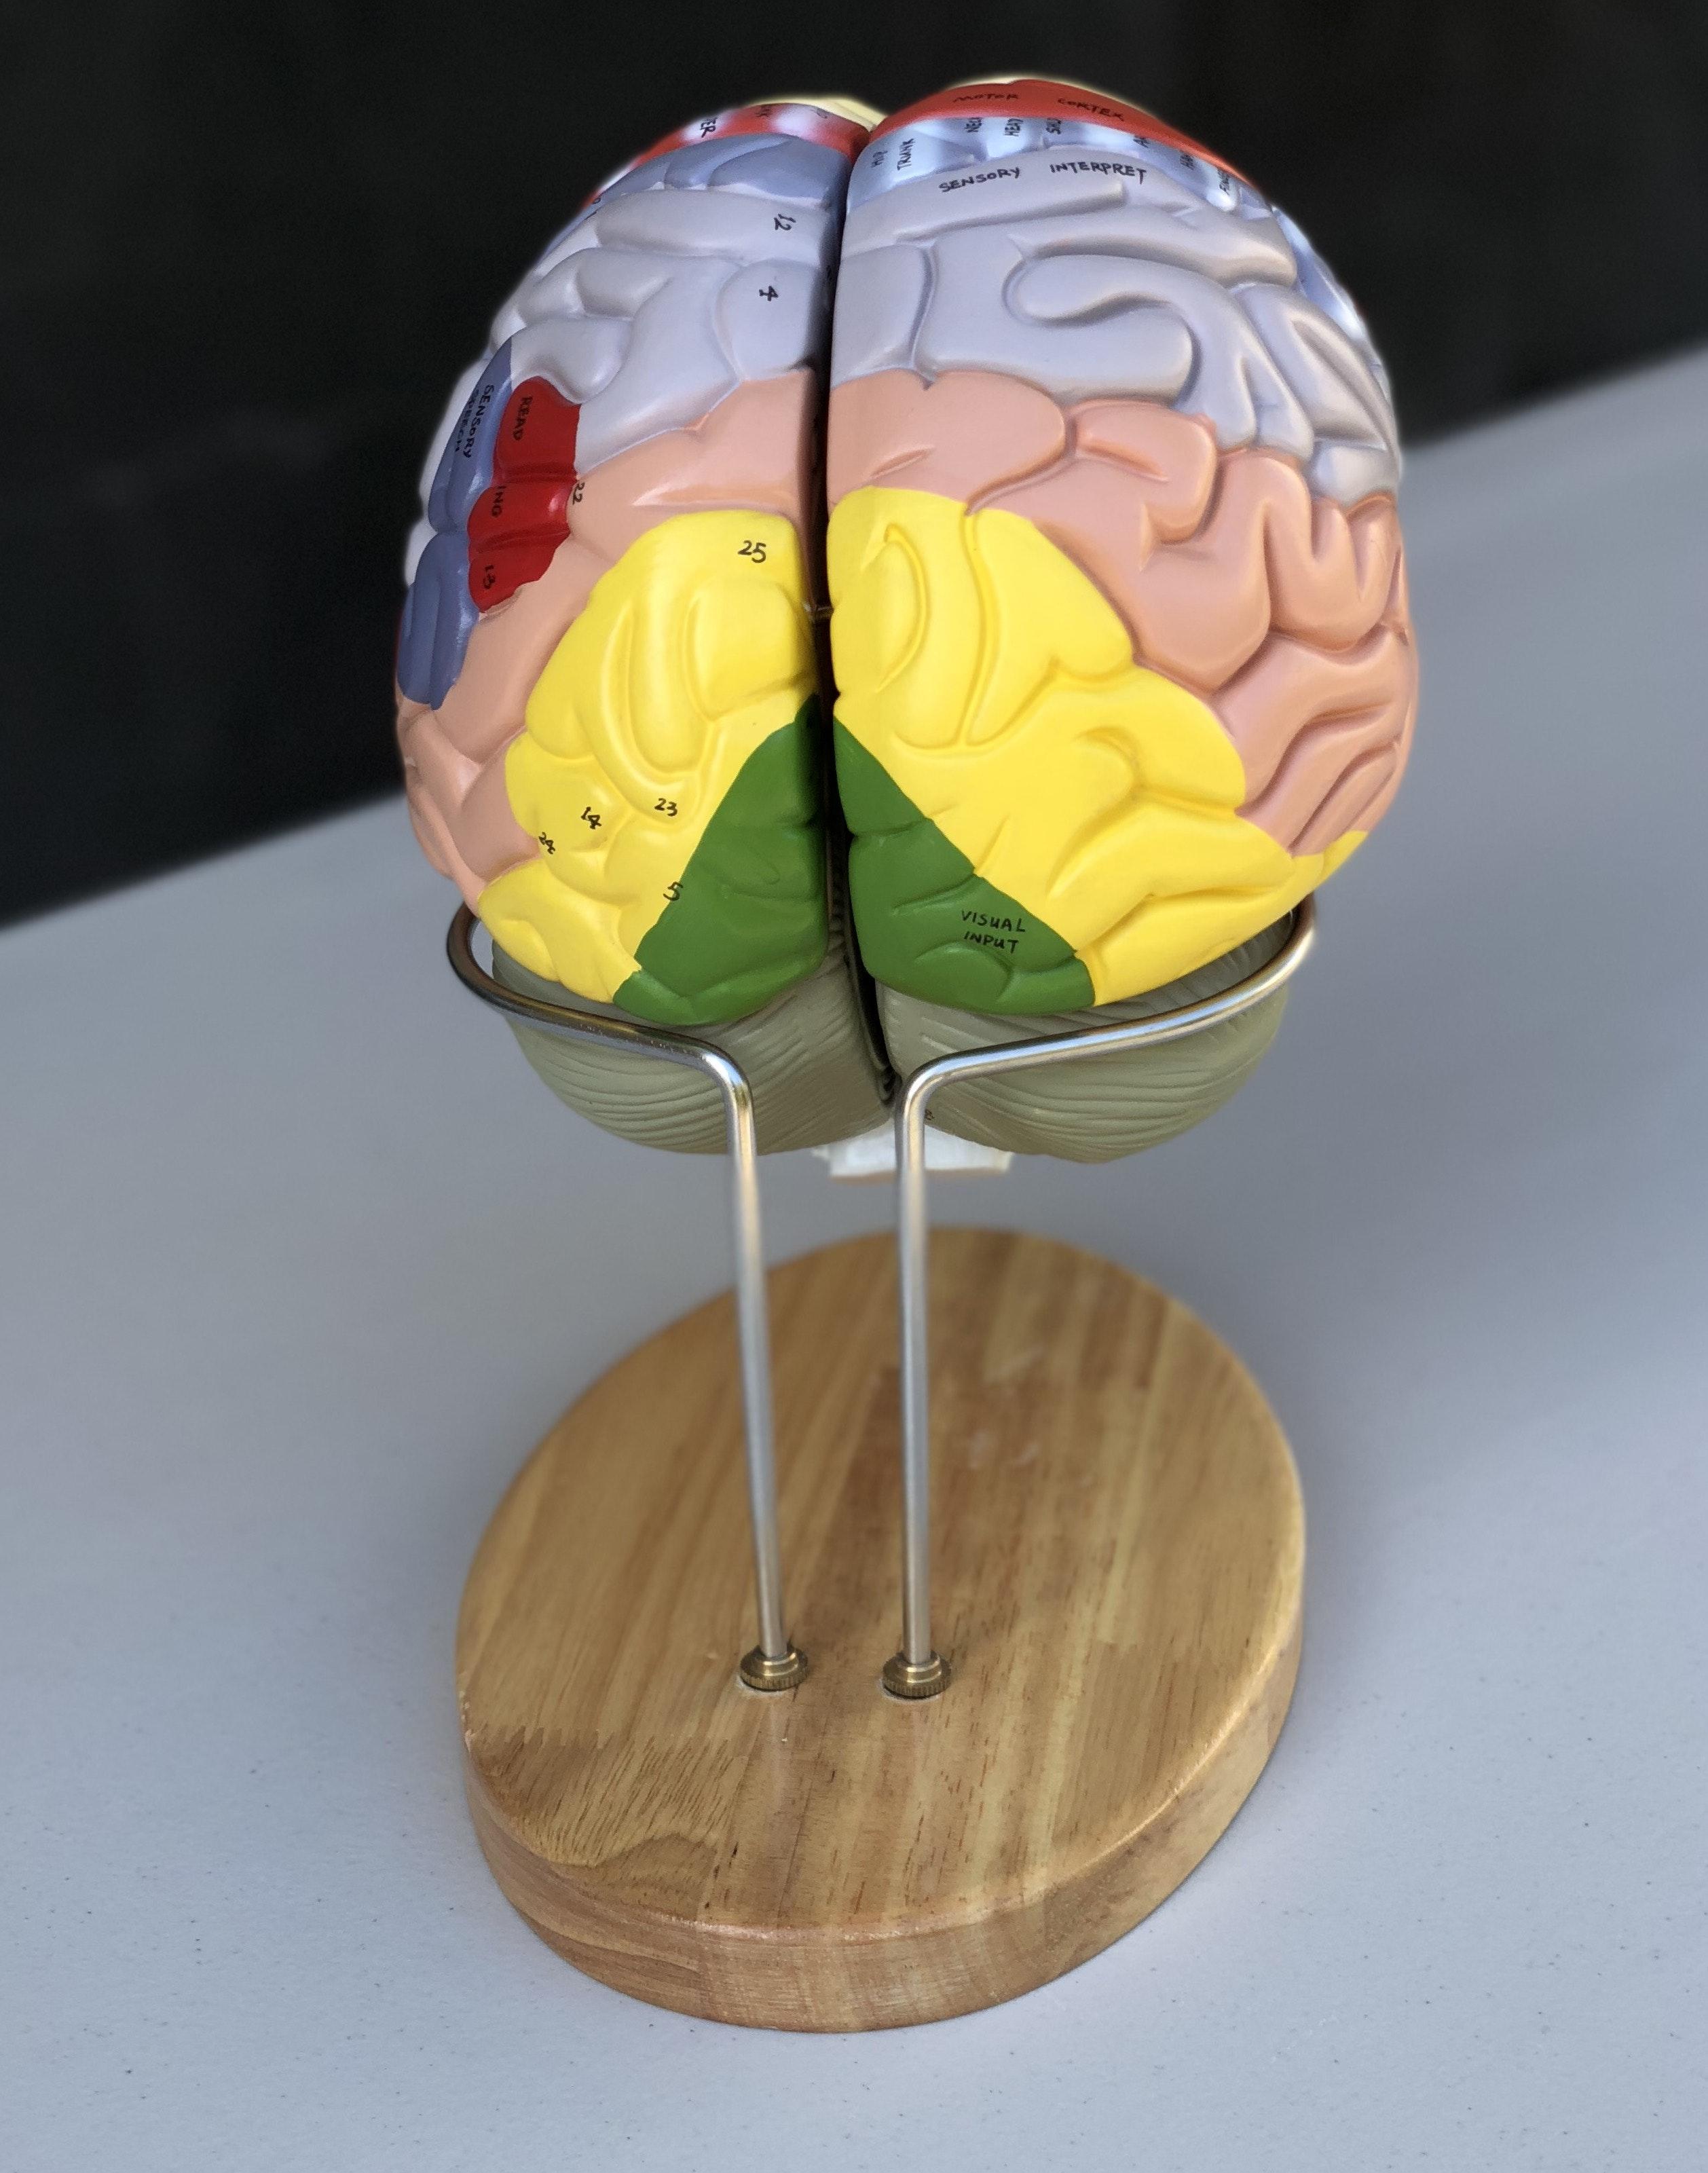 FORSTØRRET pædagogisk hjernemodel med farver og navne